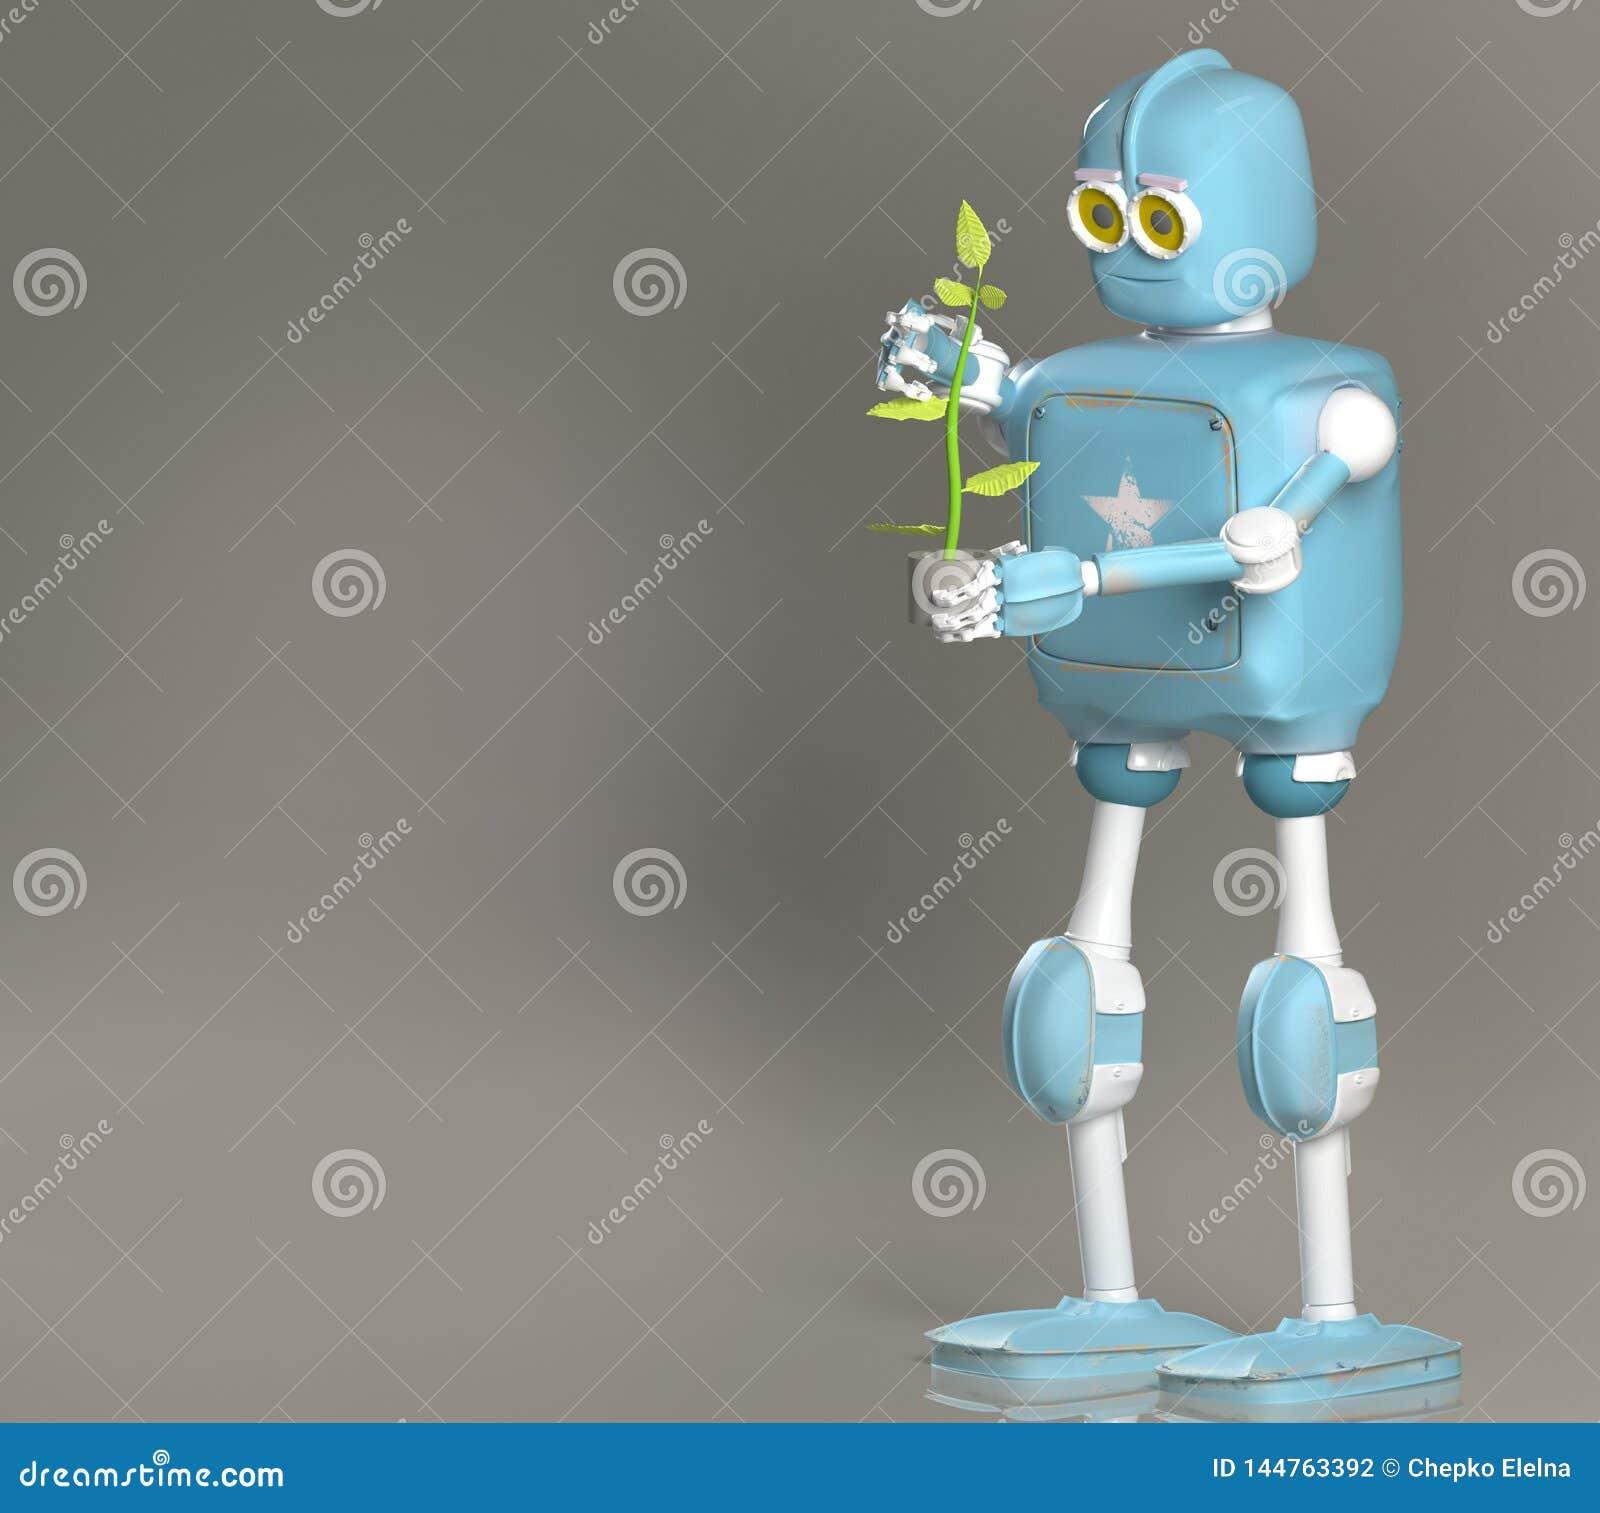 Retro- Robotergriffanlage, droid mit Sprössling, 3d übertragen